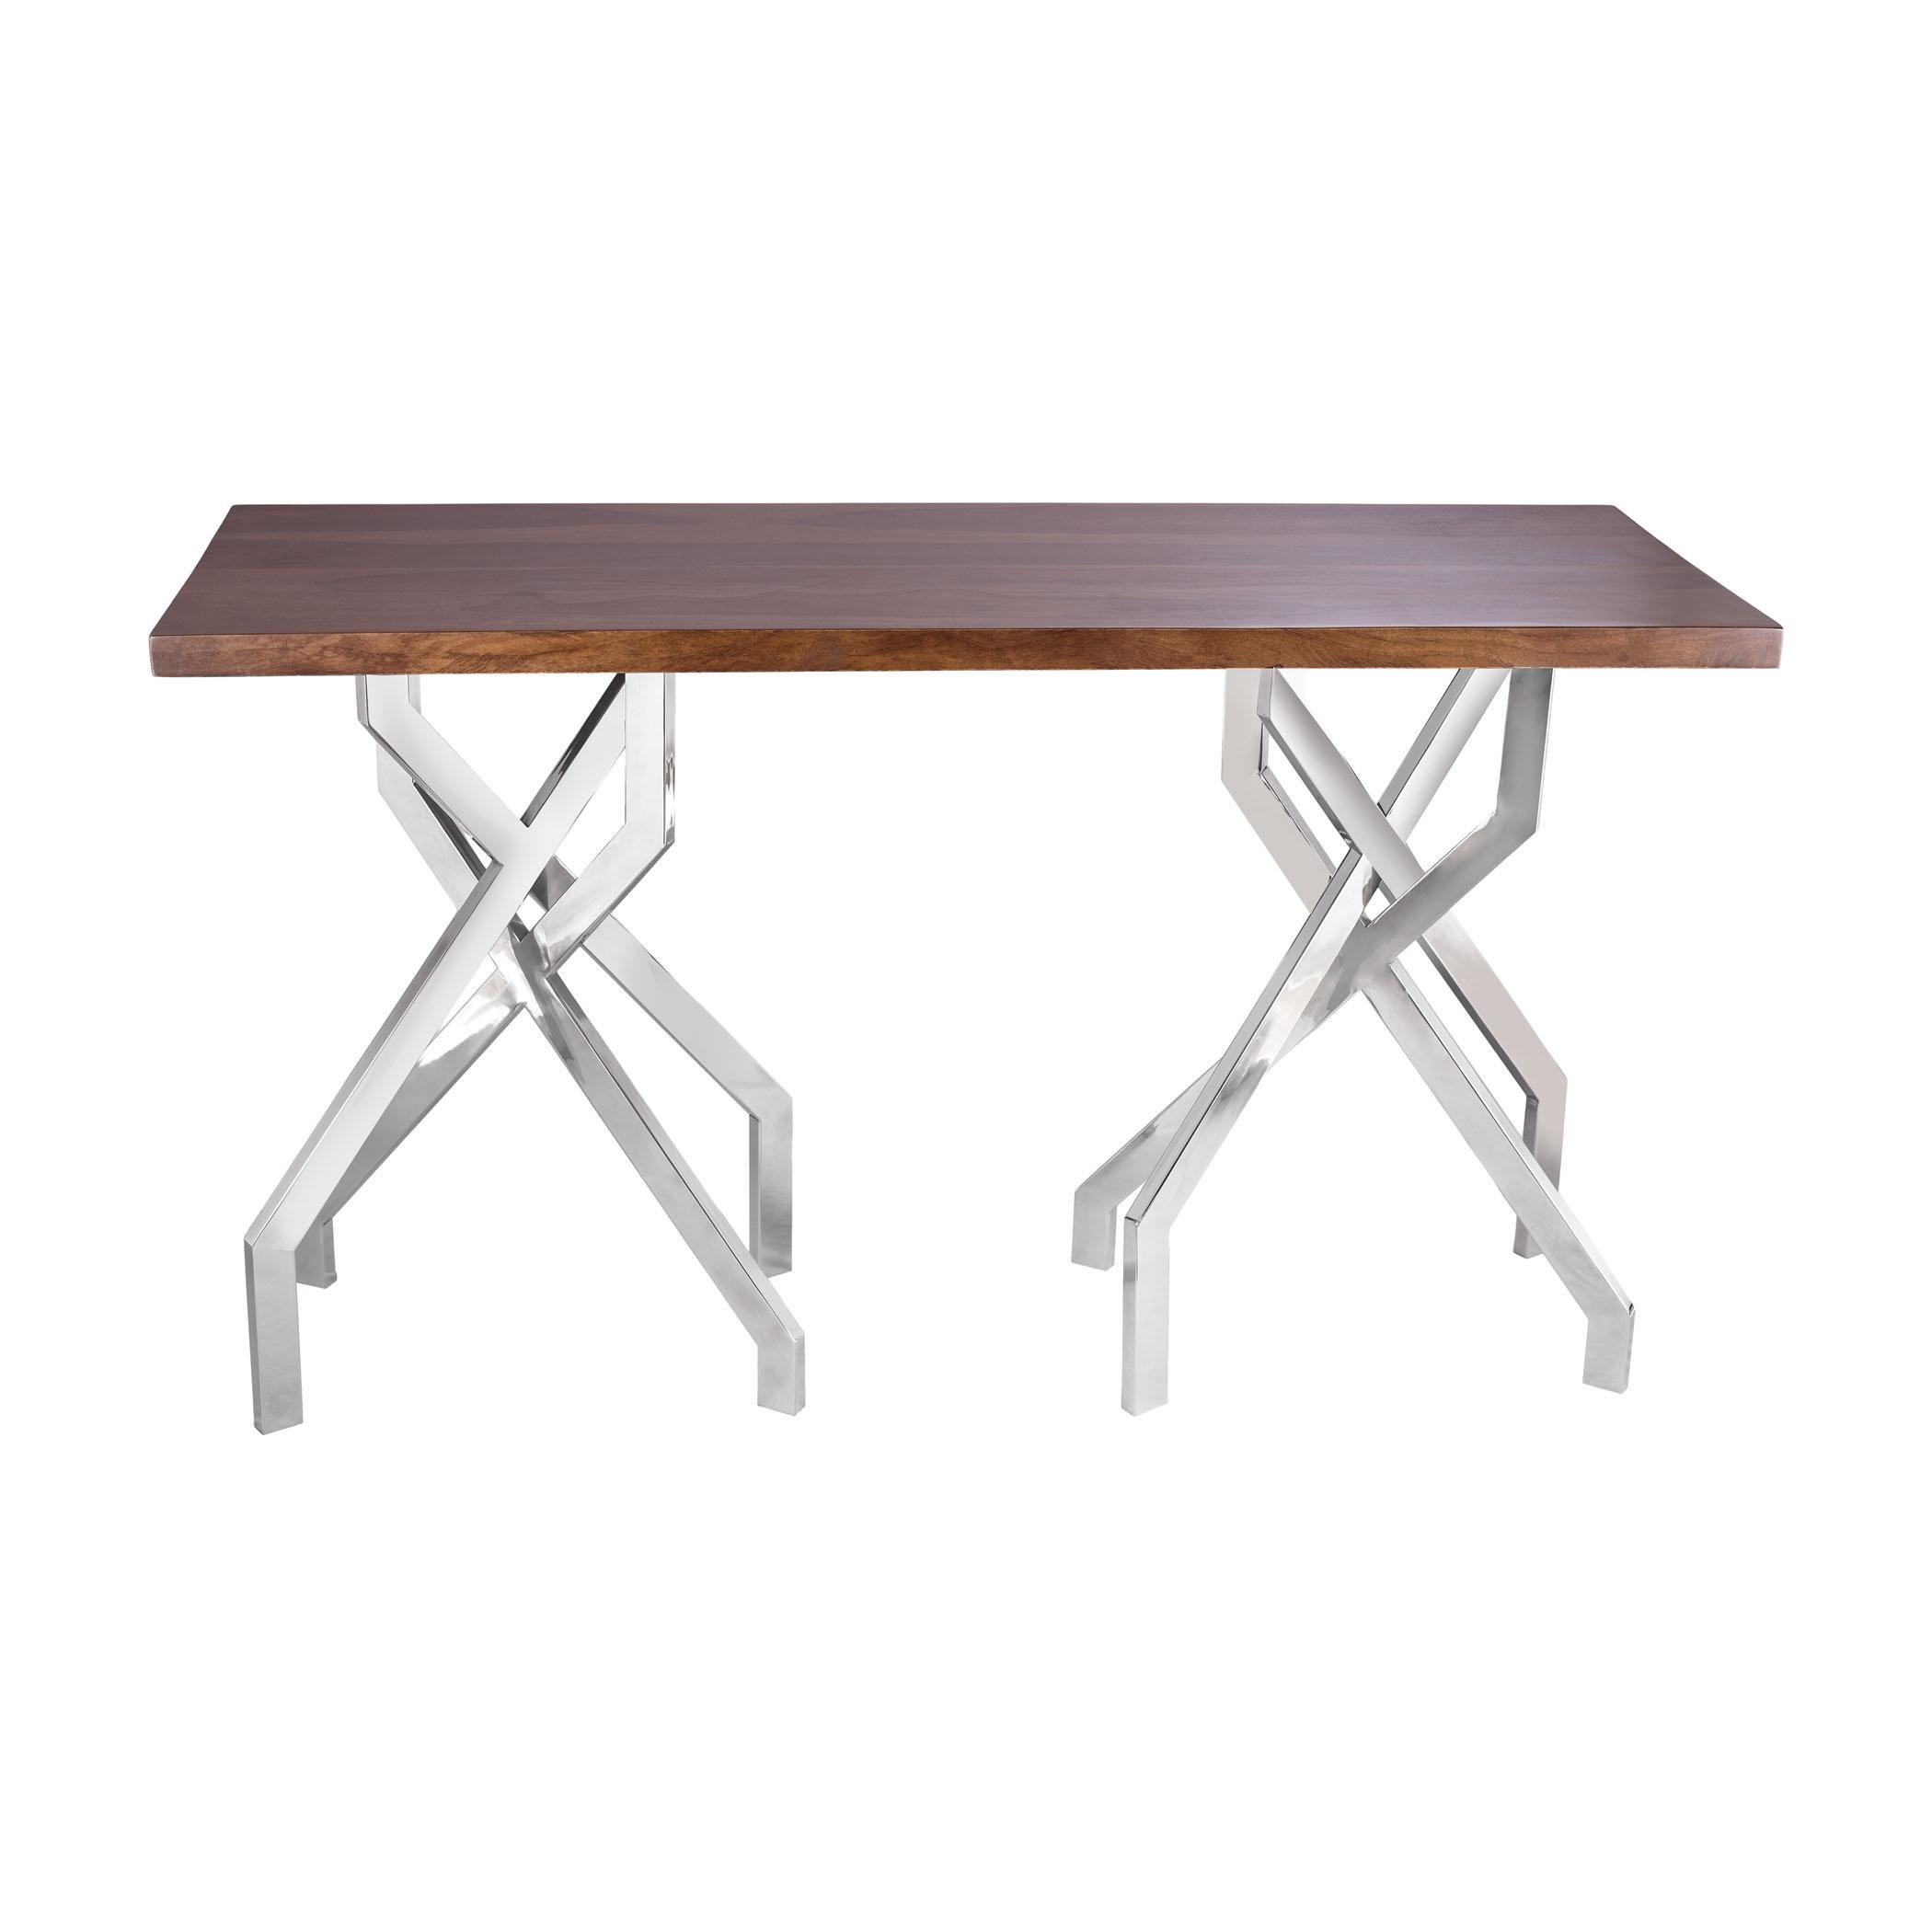 Stick Leggy Console Table 8987-012 | ELK Home